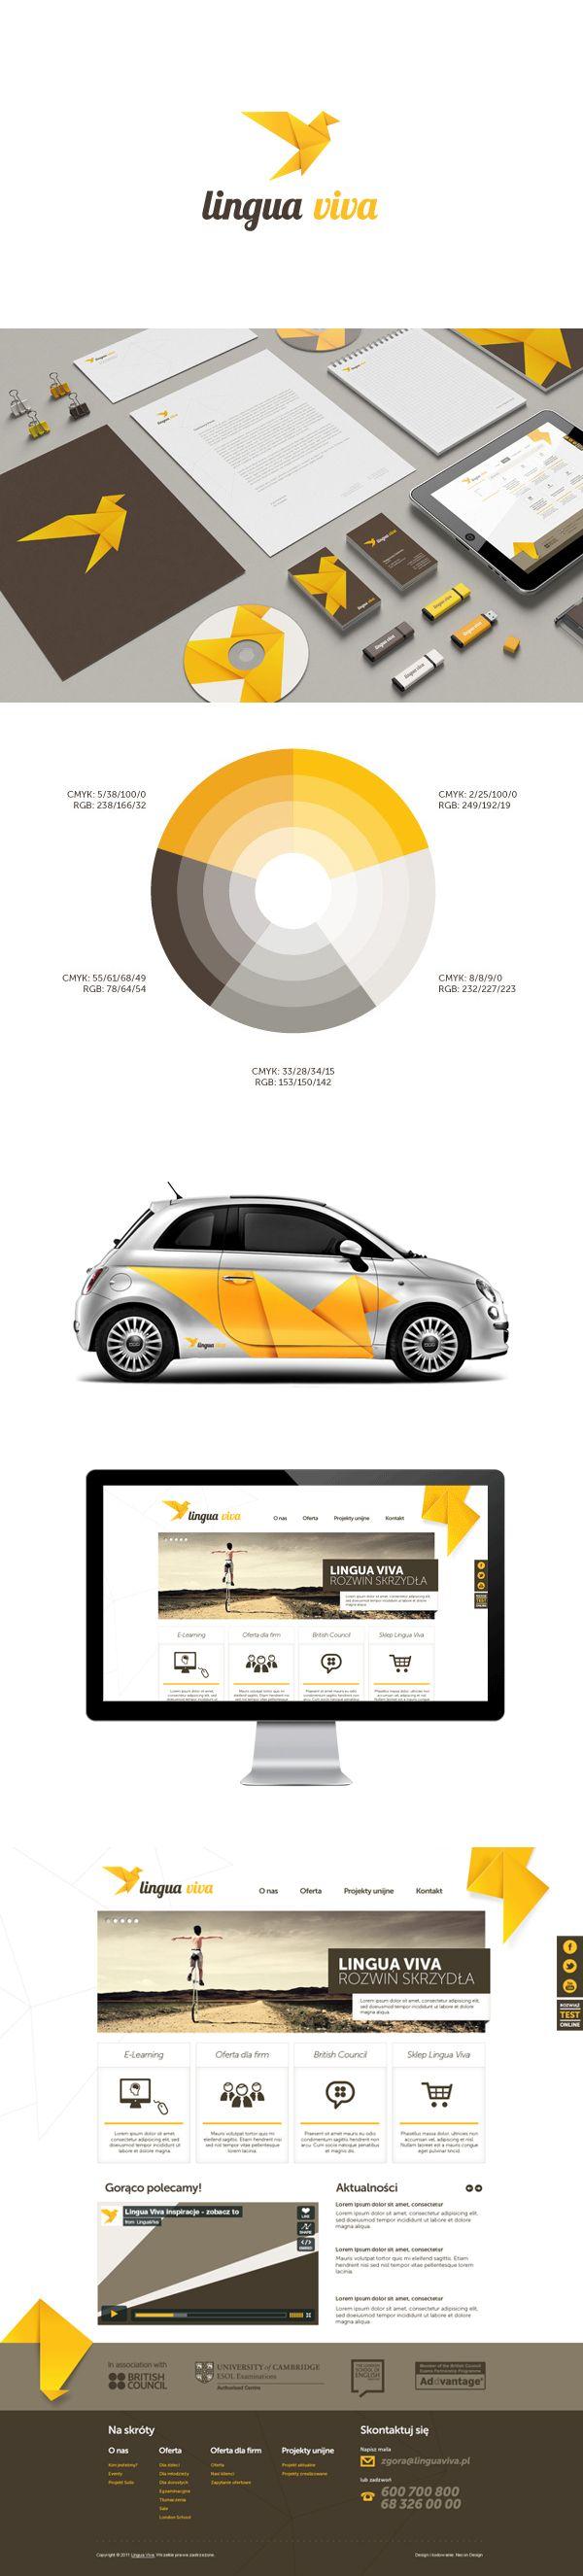 Lingua Viva Identity {branding} | #stationary #corporate #design #corporatedesign #identity #branding #marketing < repinned by www.BlickeDeeler.de | Take a look at www.LogoGestaltung-Hamburg.de